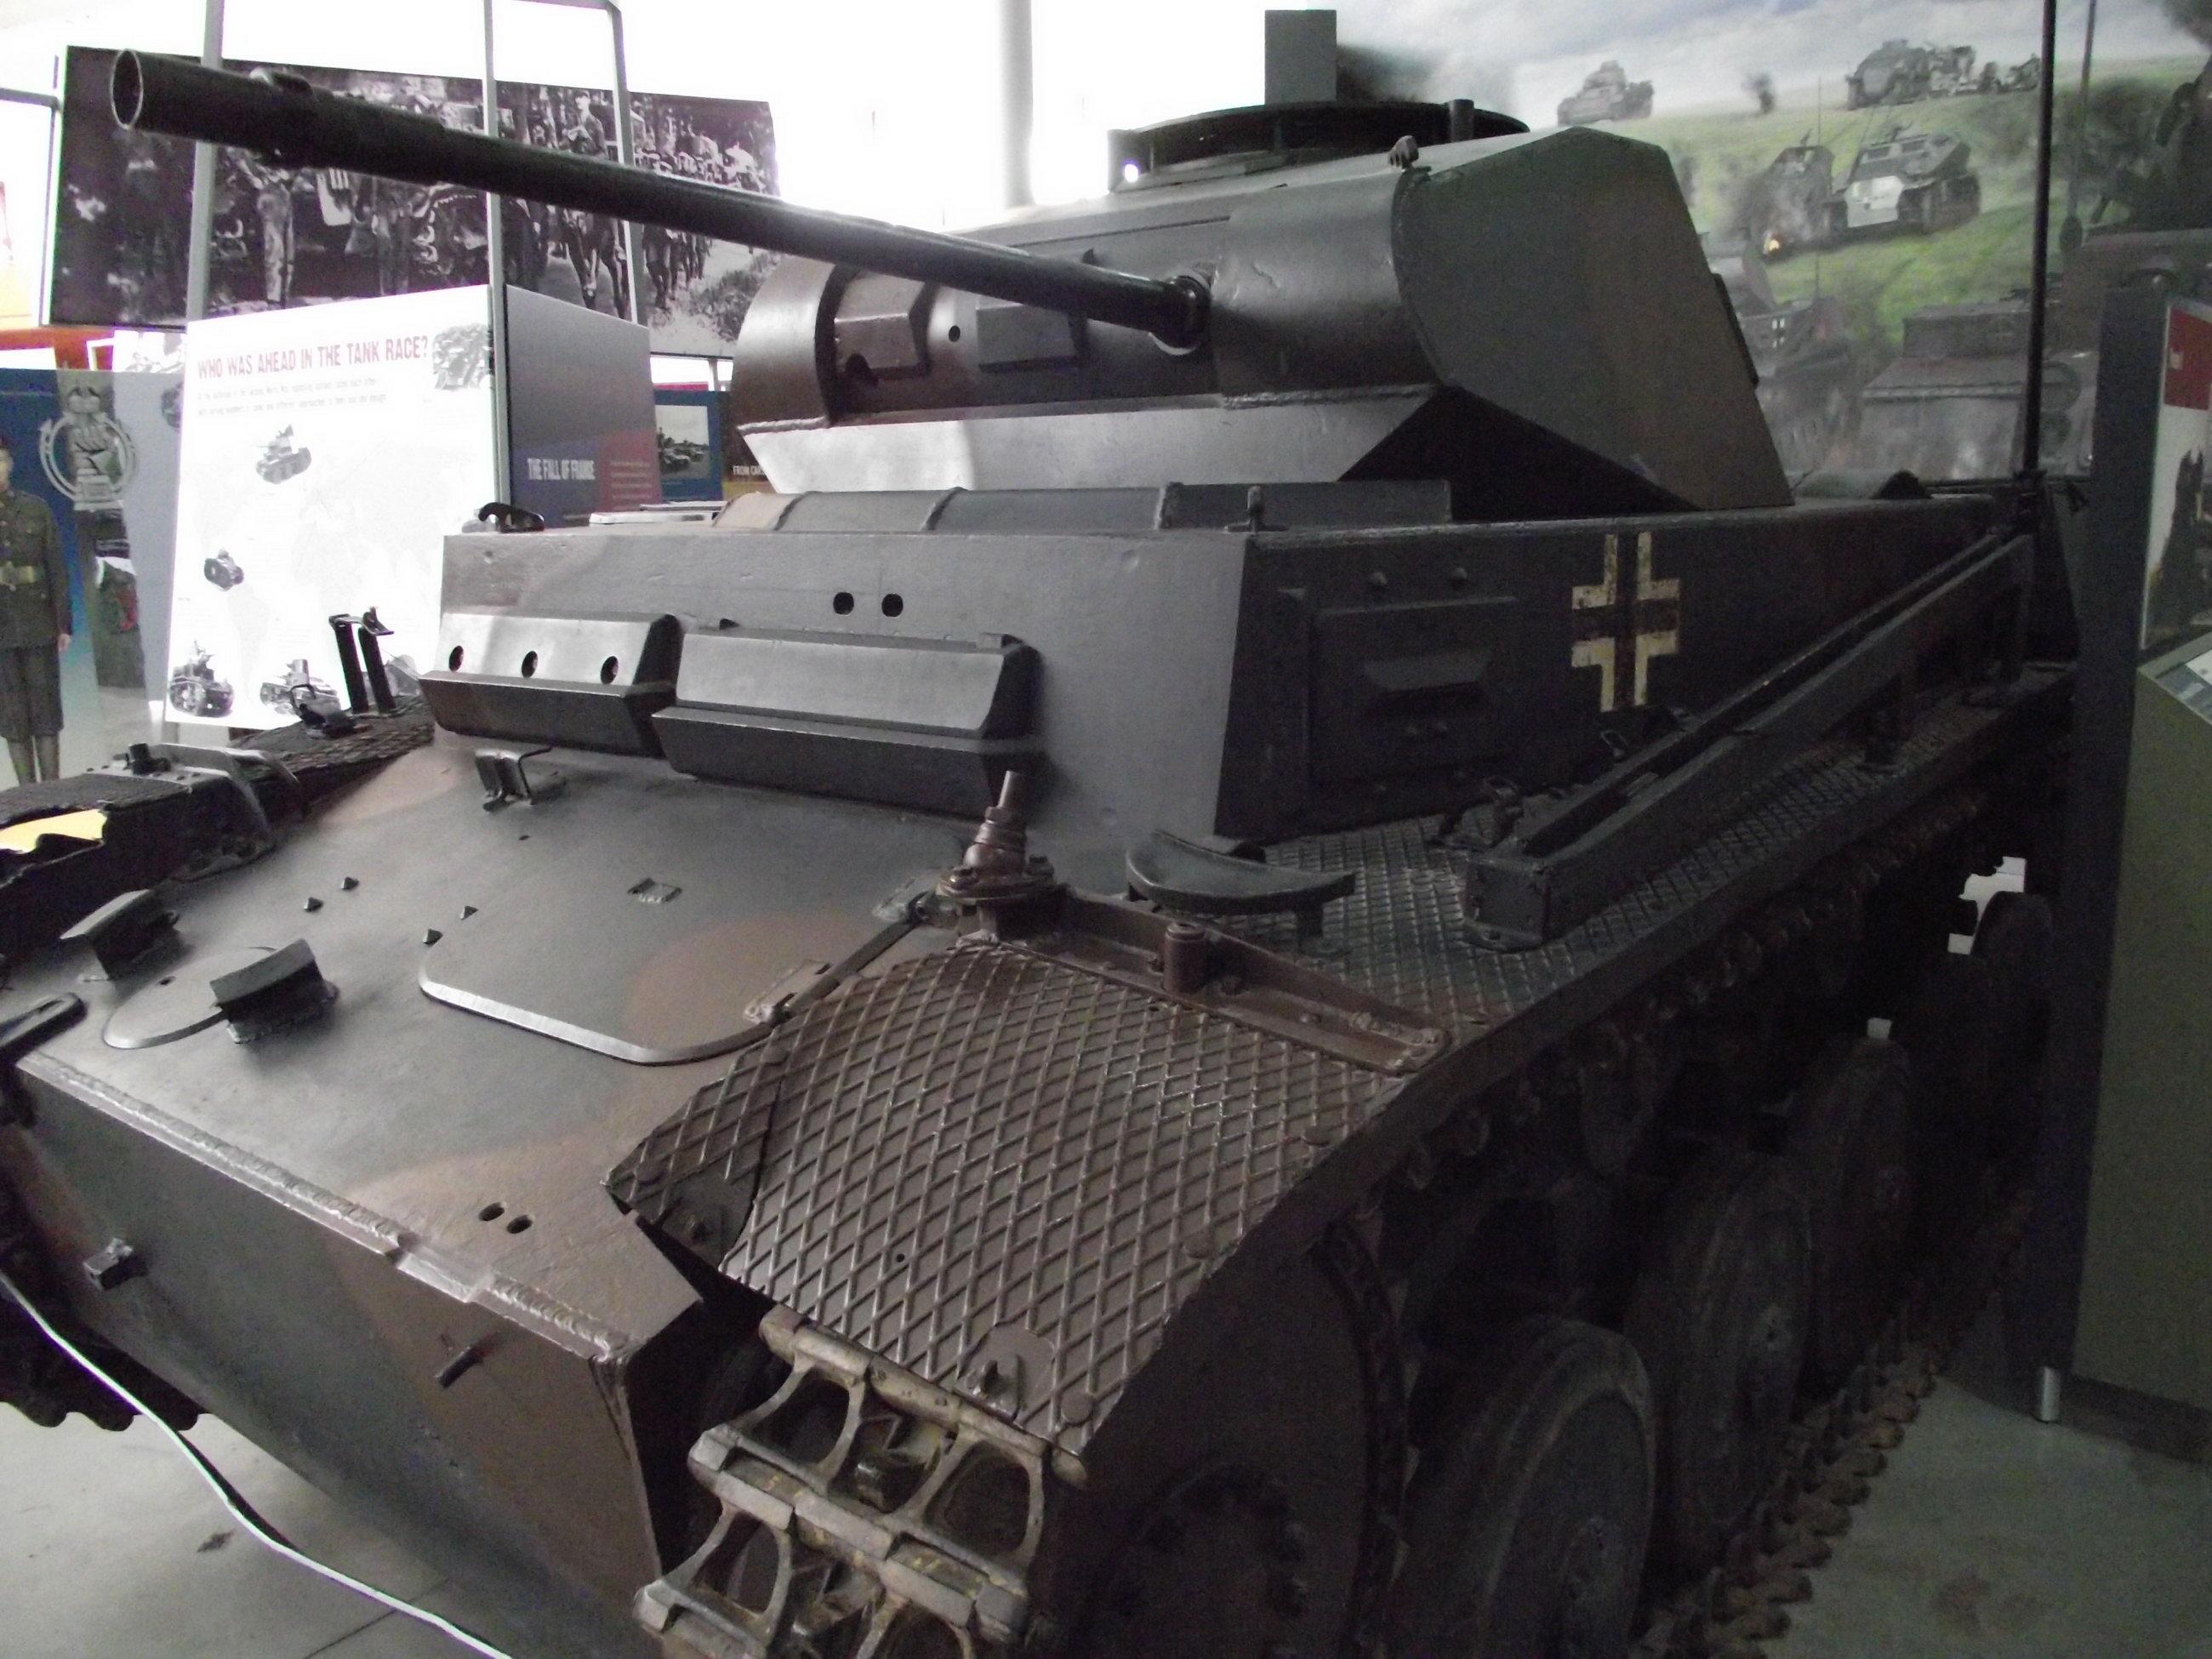 Tank_Museum_20180919_662.jpg